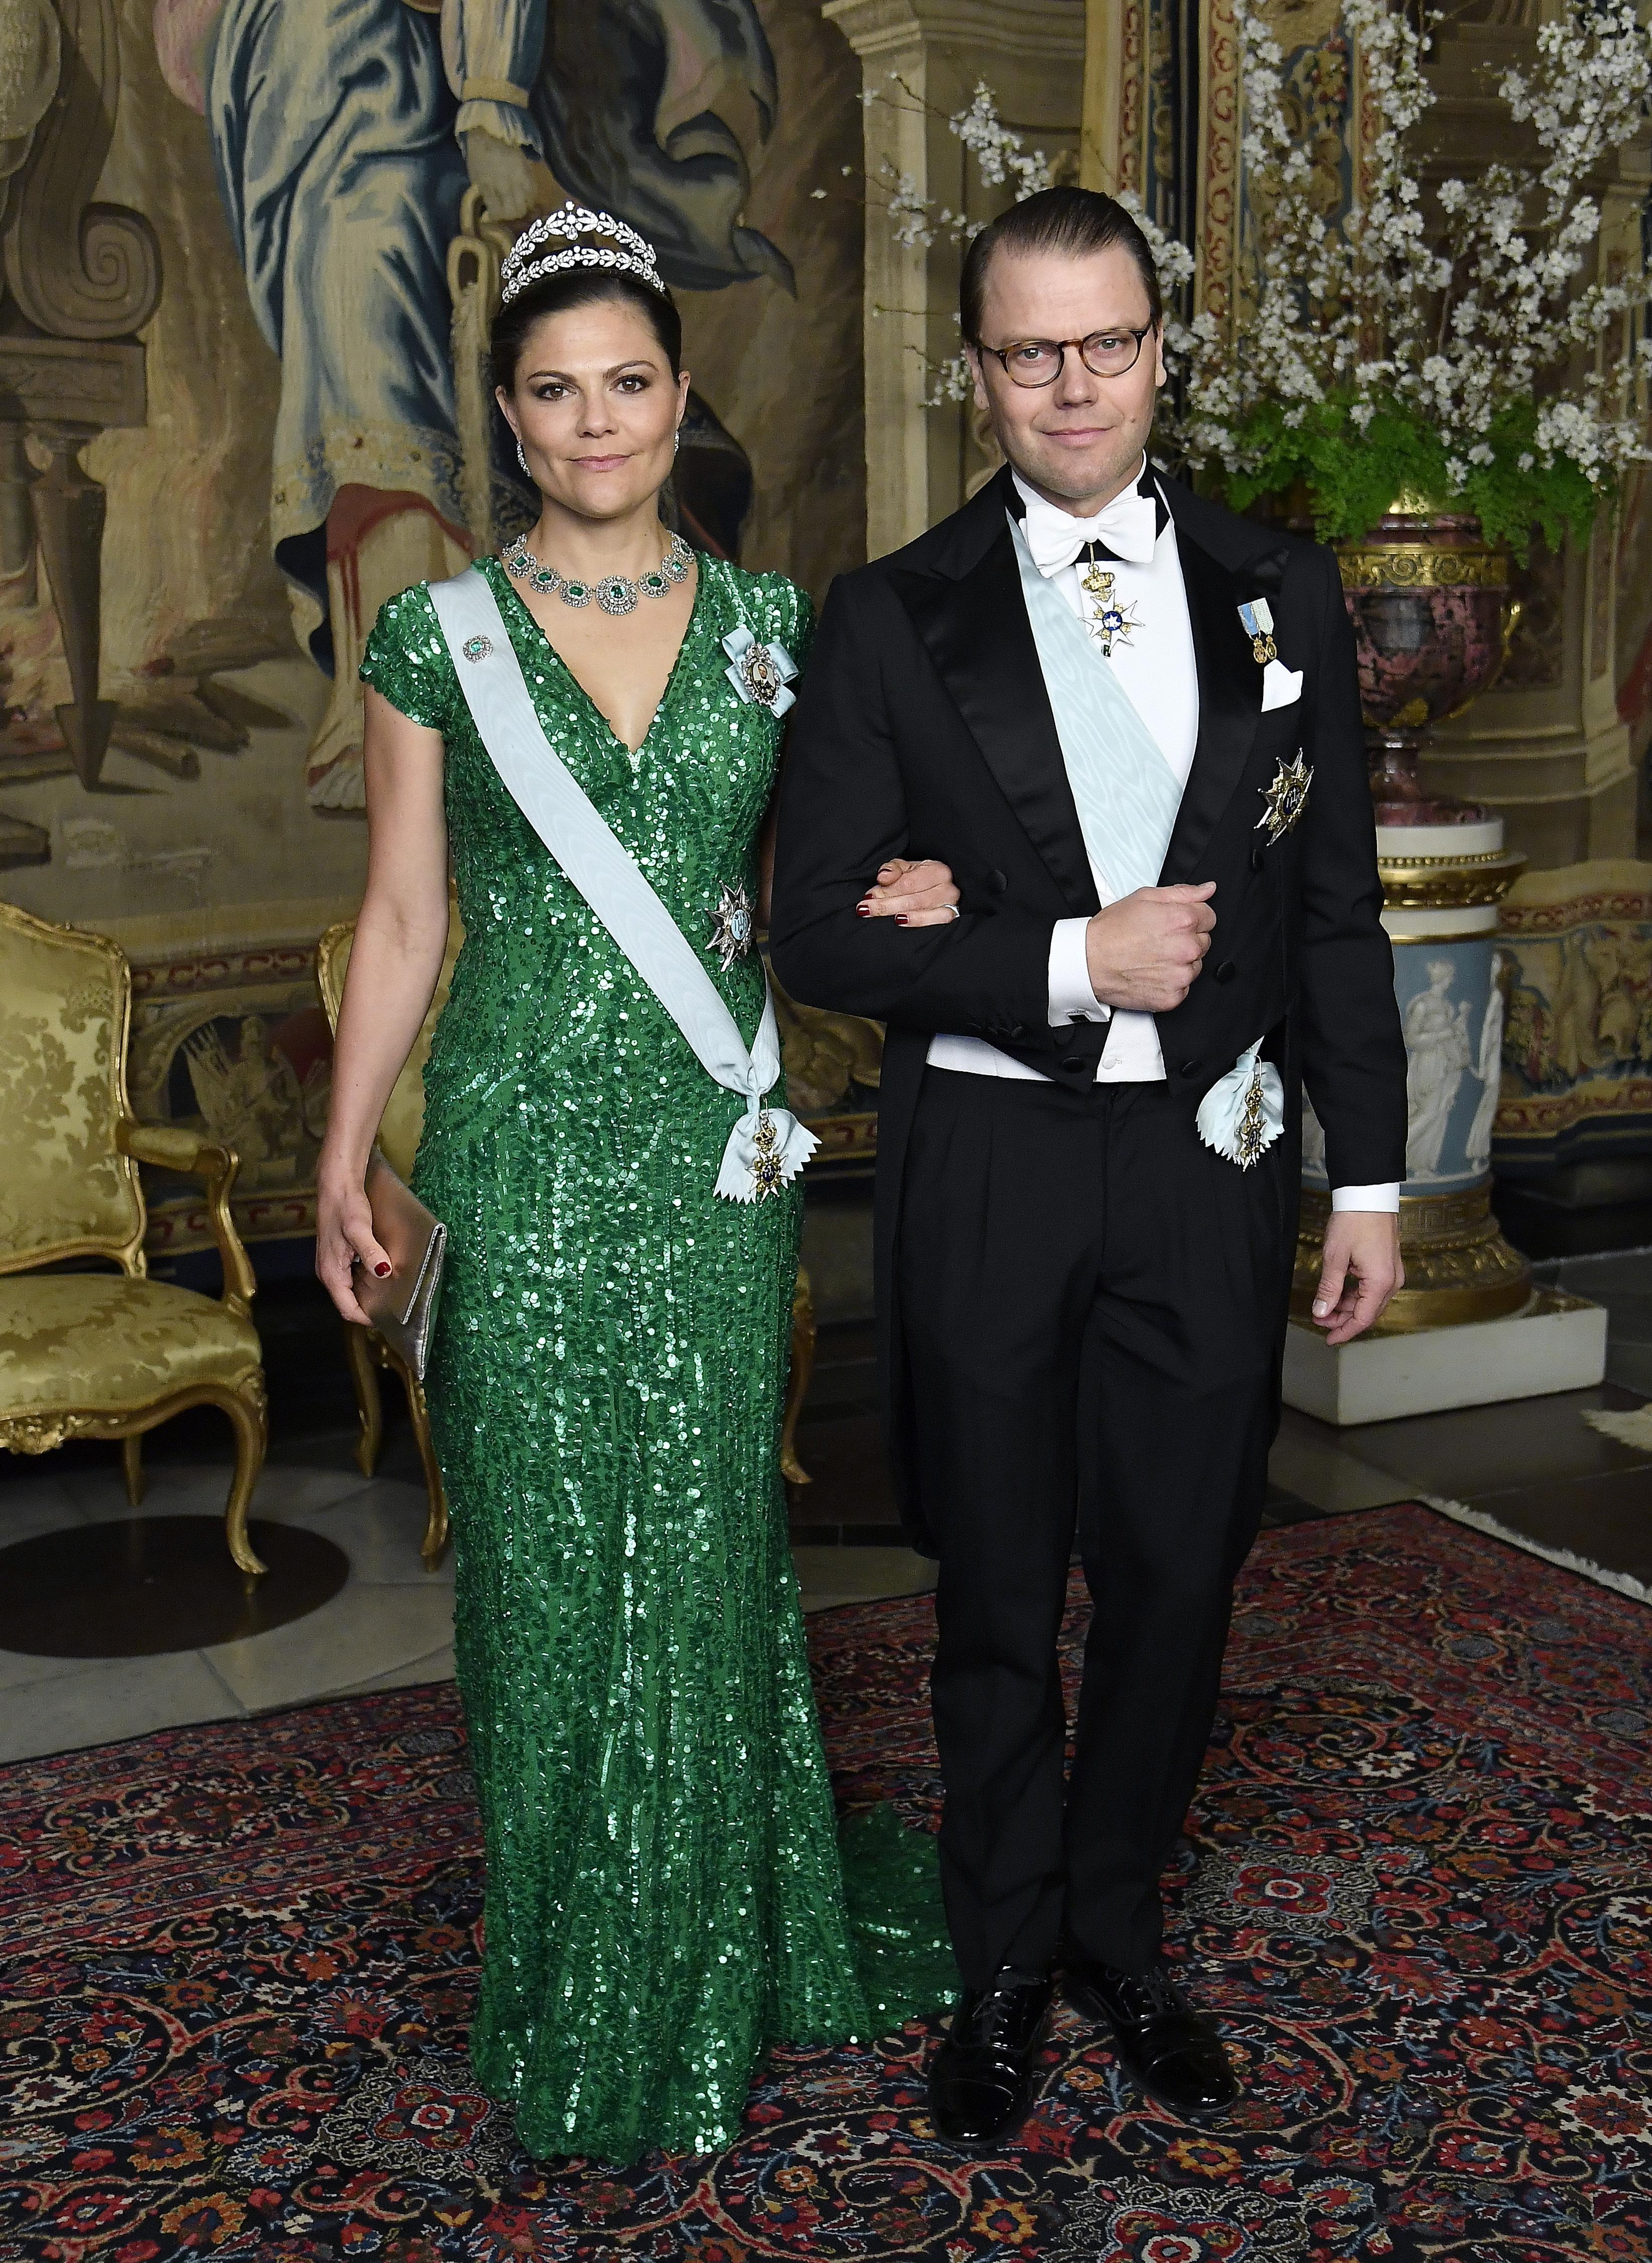 Dieses Schmuckstück zählt zu den bekanntesten Kleidern der Schwedin. Das gleiche Modell wurde auch schon von Schauspielerin Gwyneth Paltrow getragen – jedoch mit einem tieferen Ausschnitt.